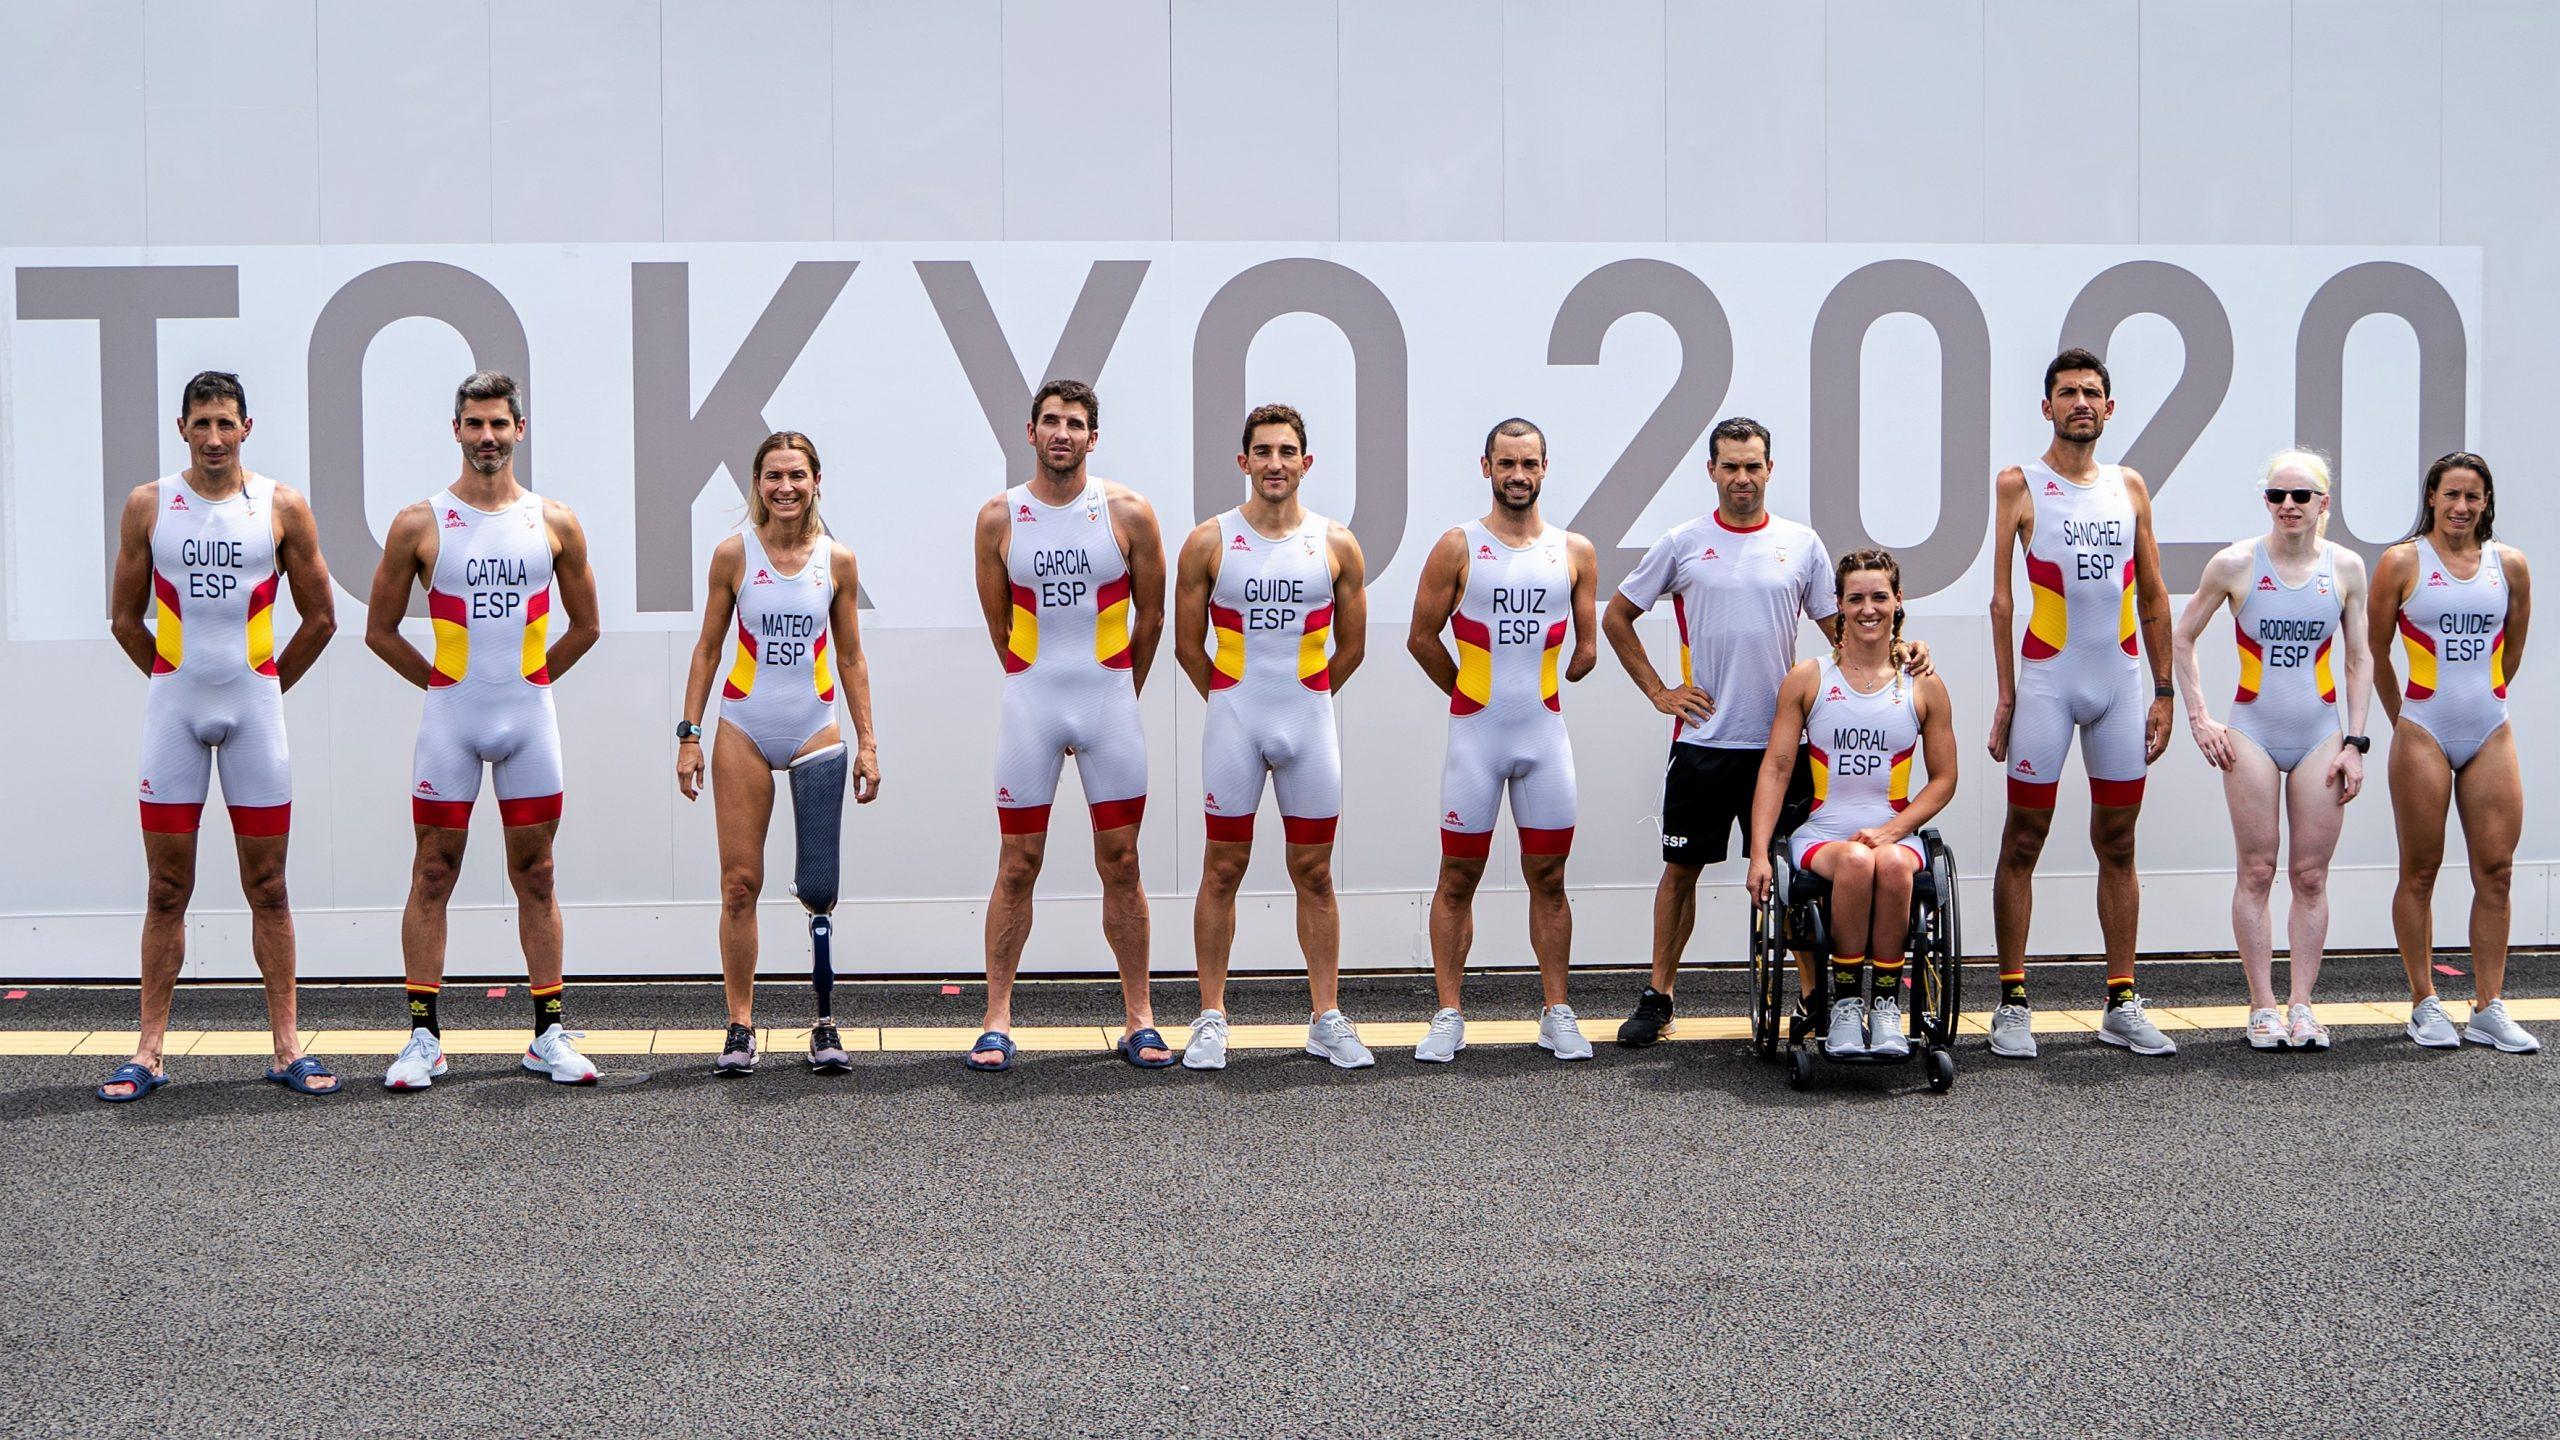 Éxito sin precedentes del triatlón español en los Juegos Paralímpicos de Tokyo